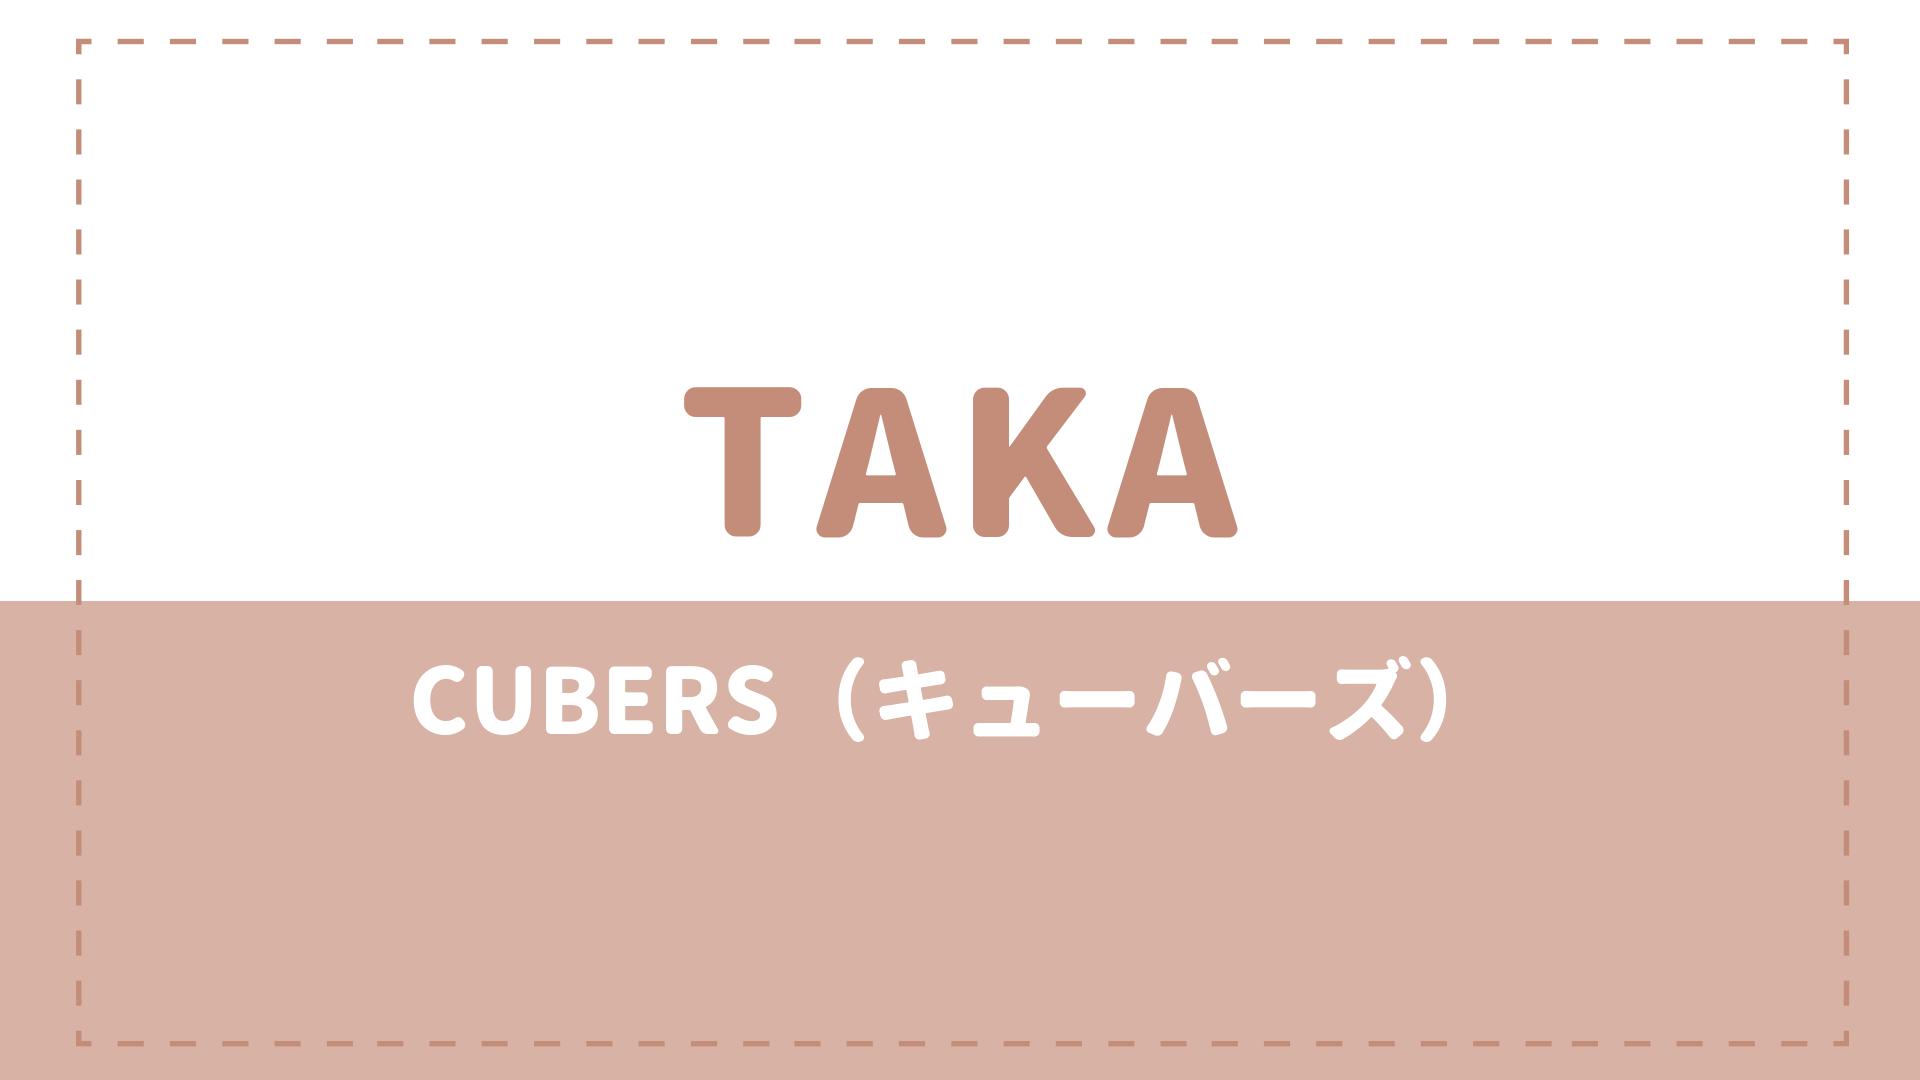 TAKA(CUBERS)は結婚して嫁と子供がいる?彼女や出身大学についても